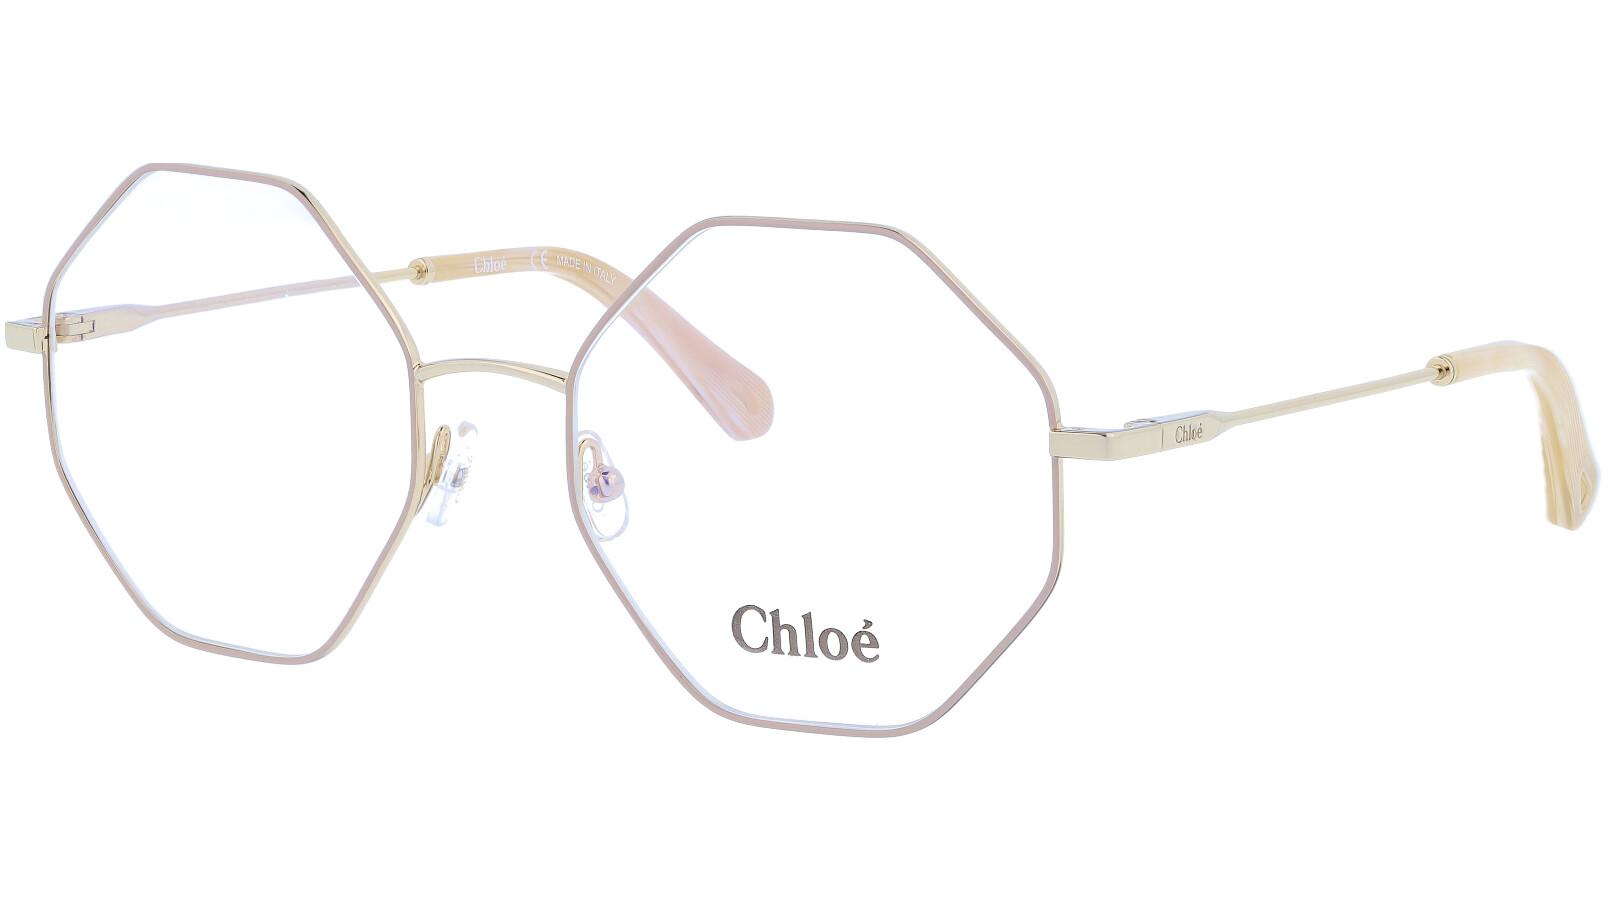 Chloé CE2134 743 55 Gold Glasses